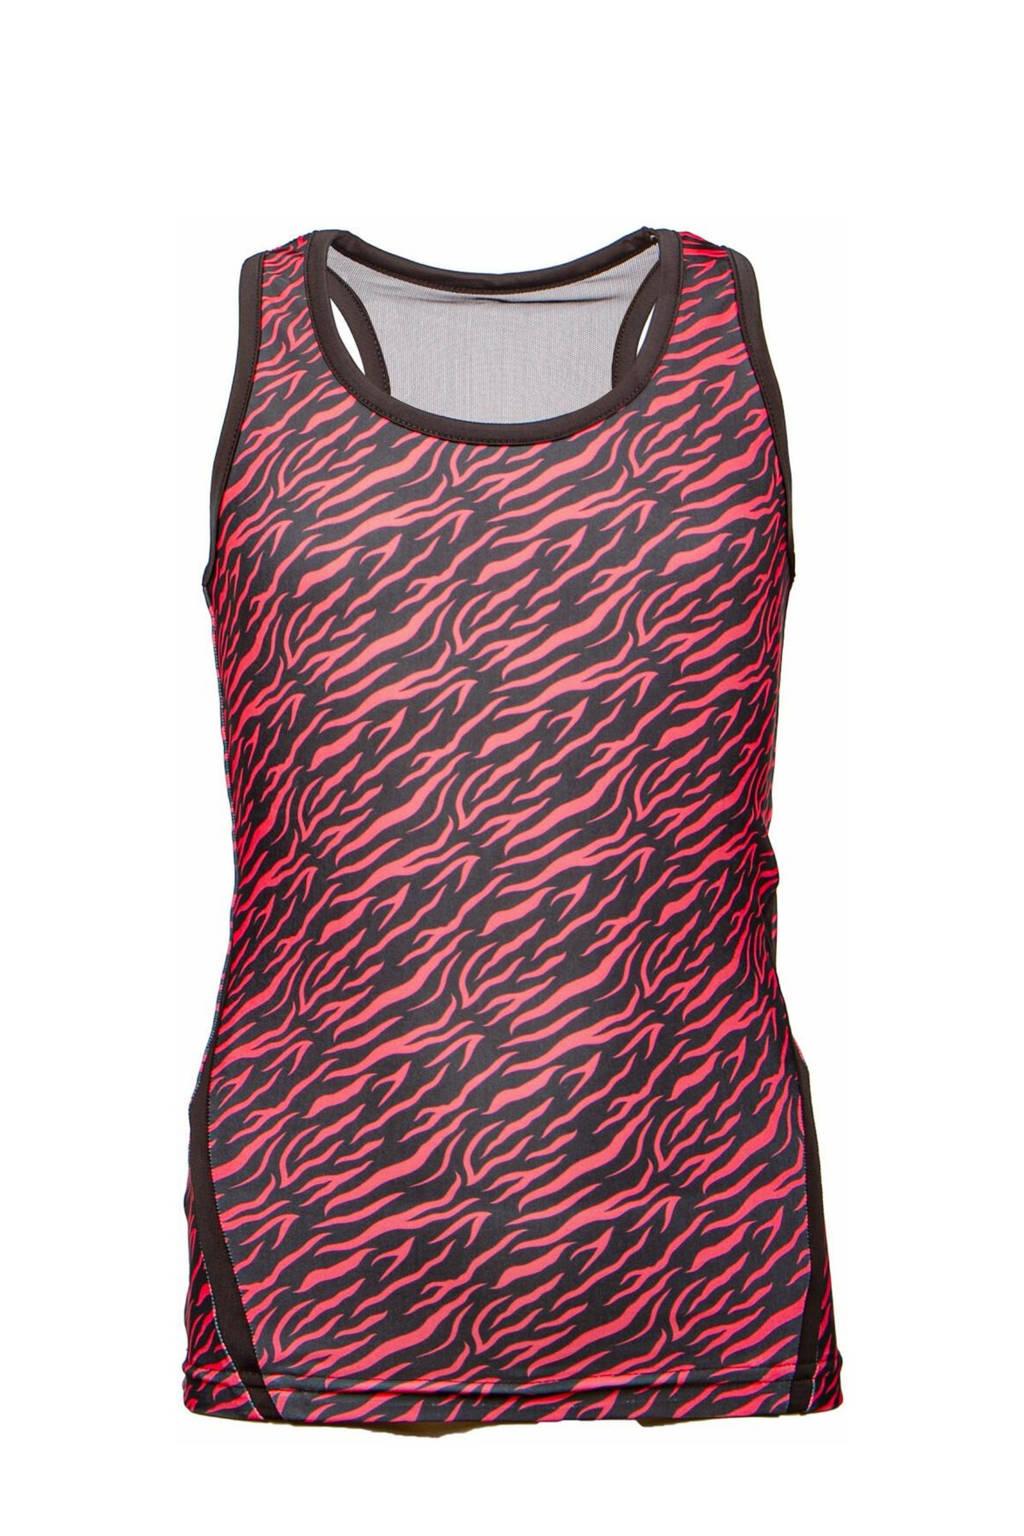 Papillon sporttop zwart/roze, Zwart/roze